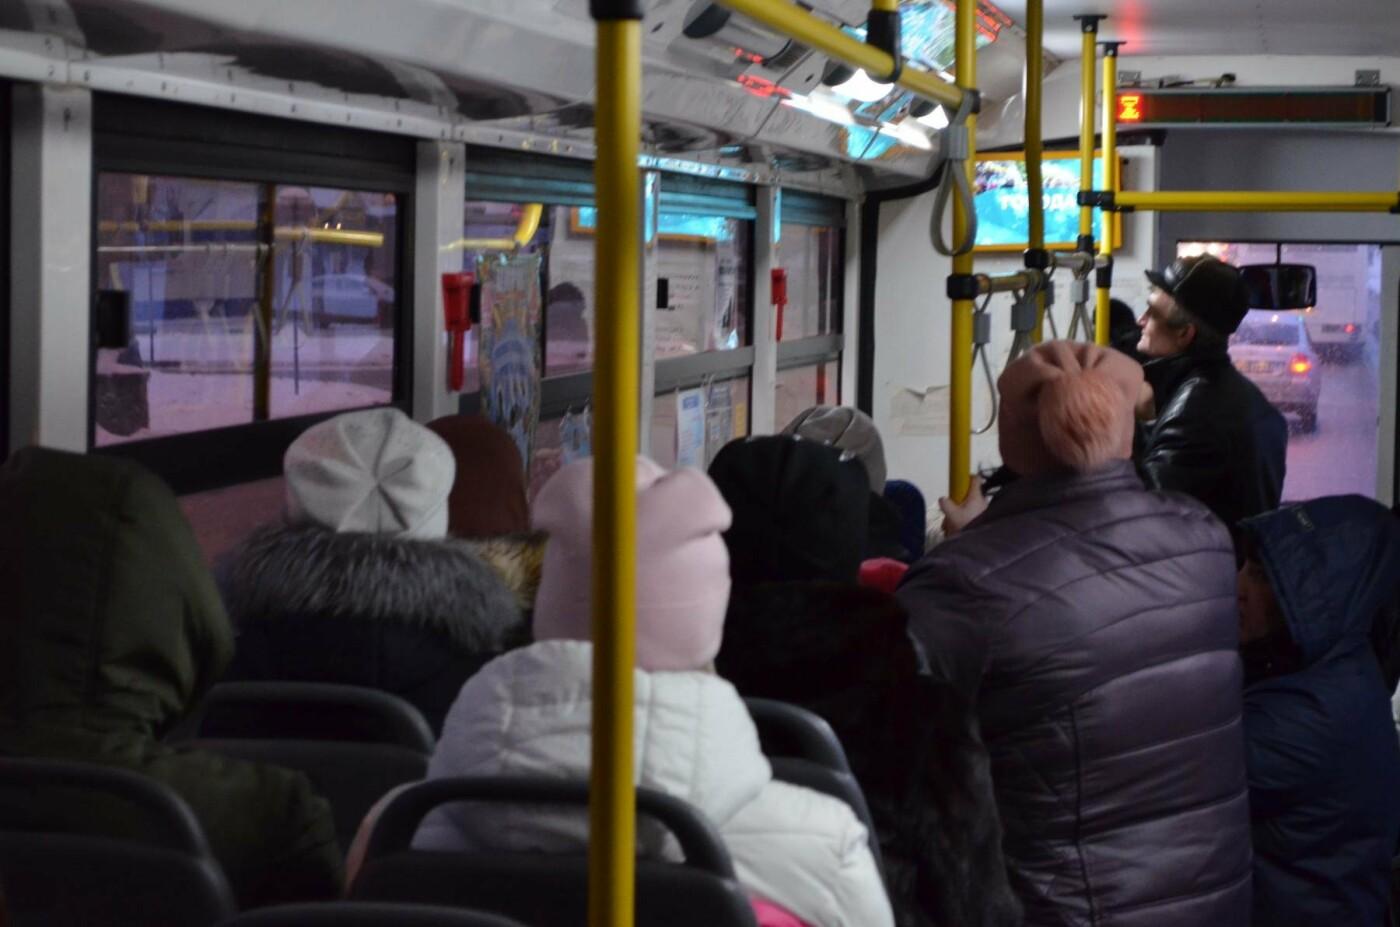 Россия — Германия 4:3! Тамбовчане болели в автобусах, кафе и даже на улицах, фото-1